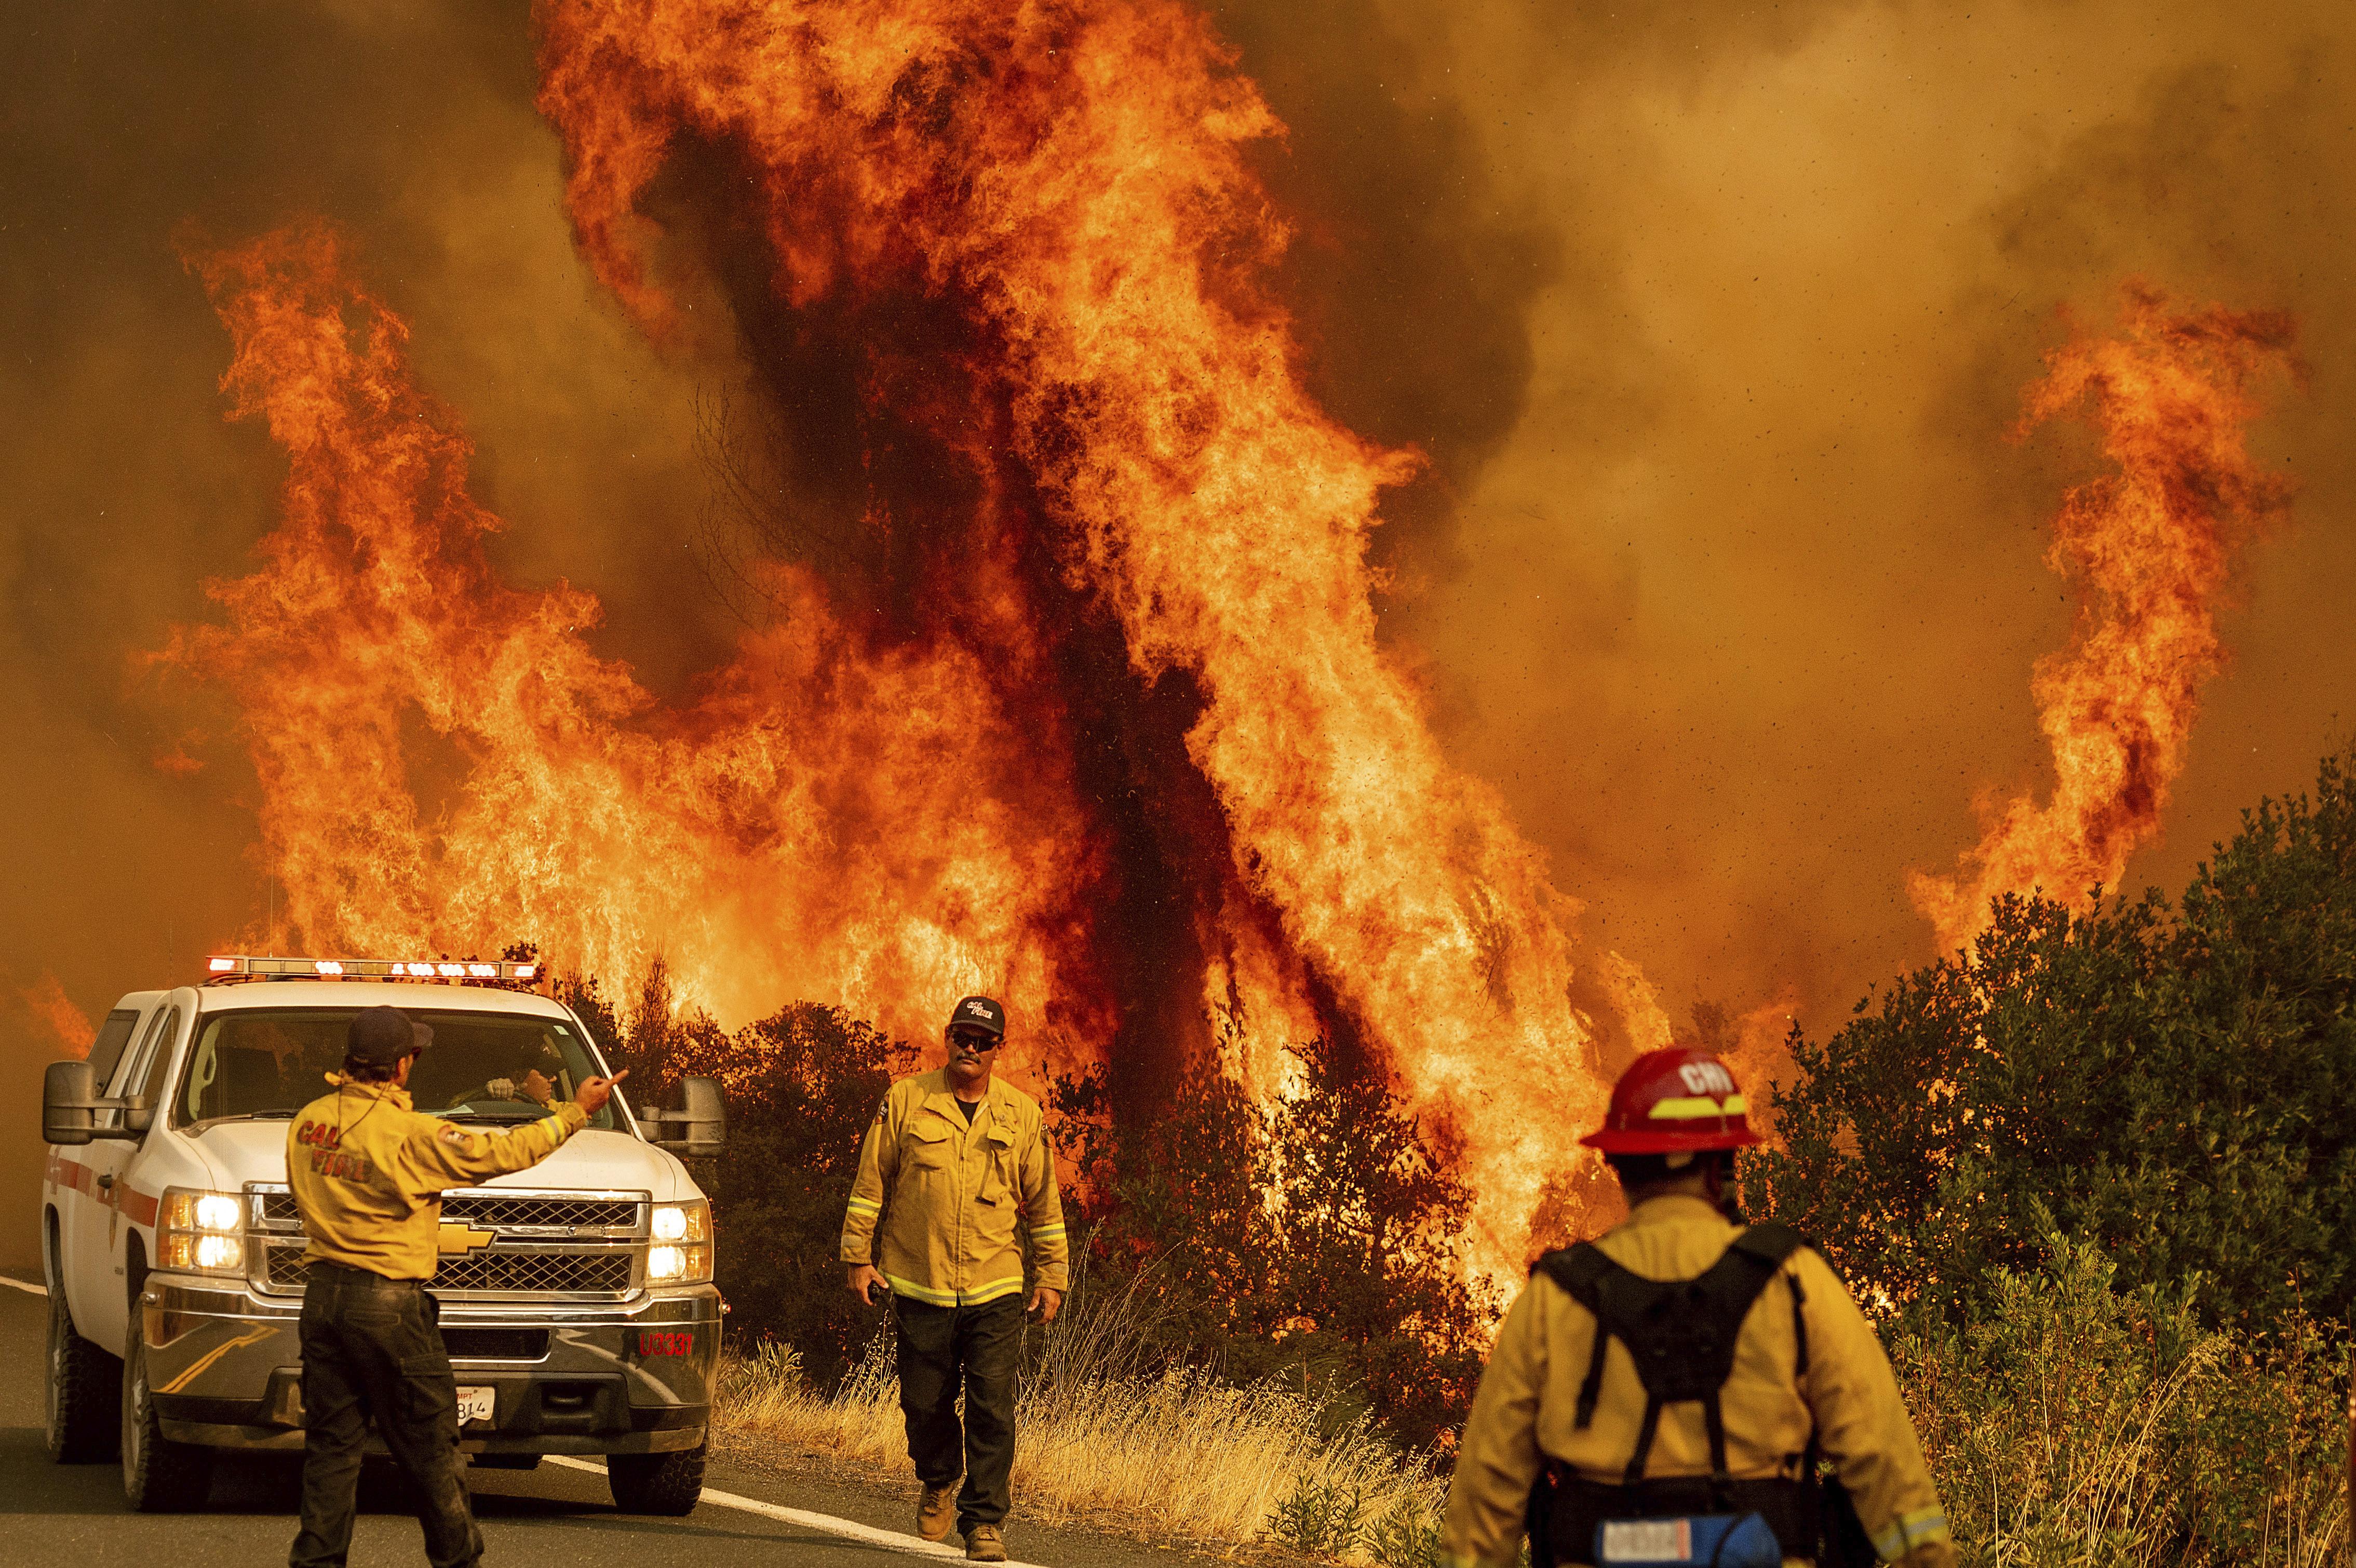 加州熱浪來襲野火「乾雷暴」不斷!急撤25萬人救災防疫拉緊報 - Yaho